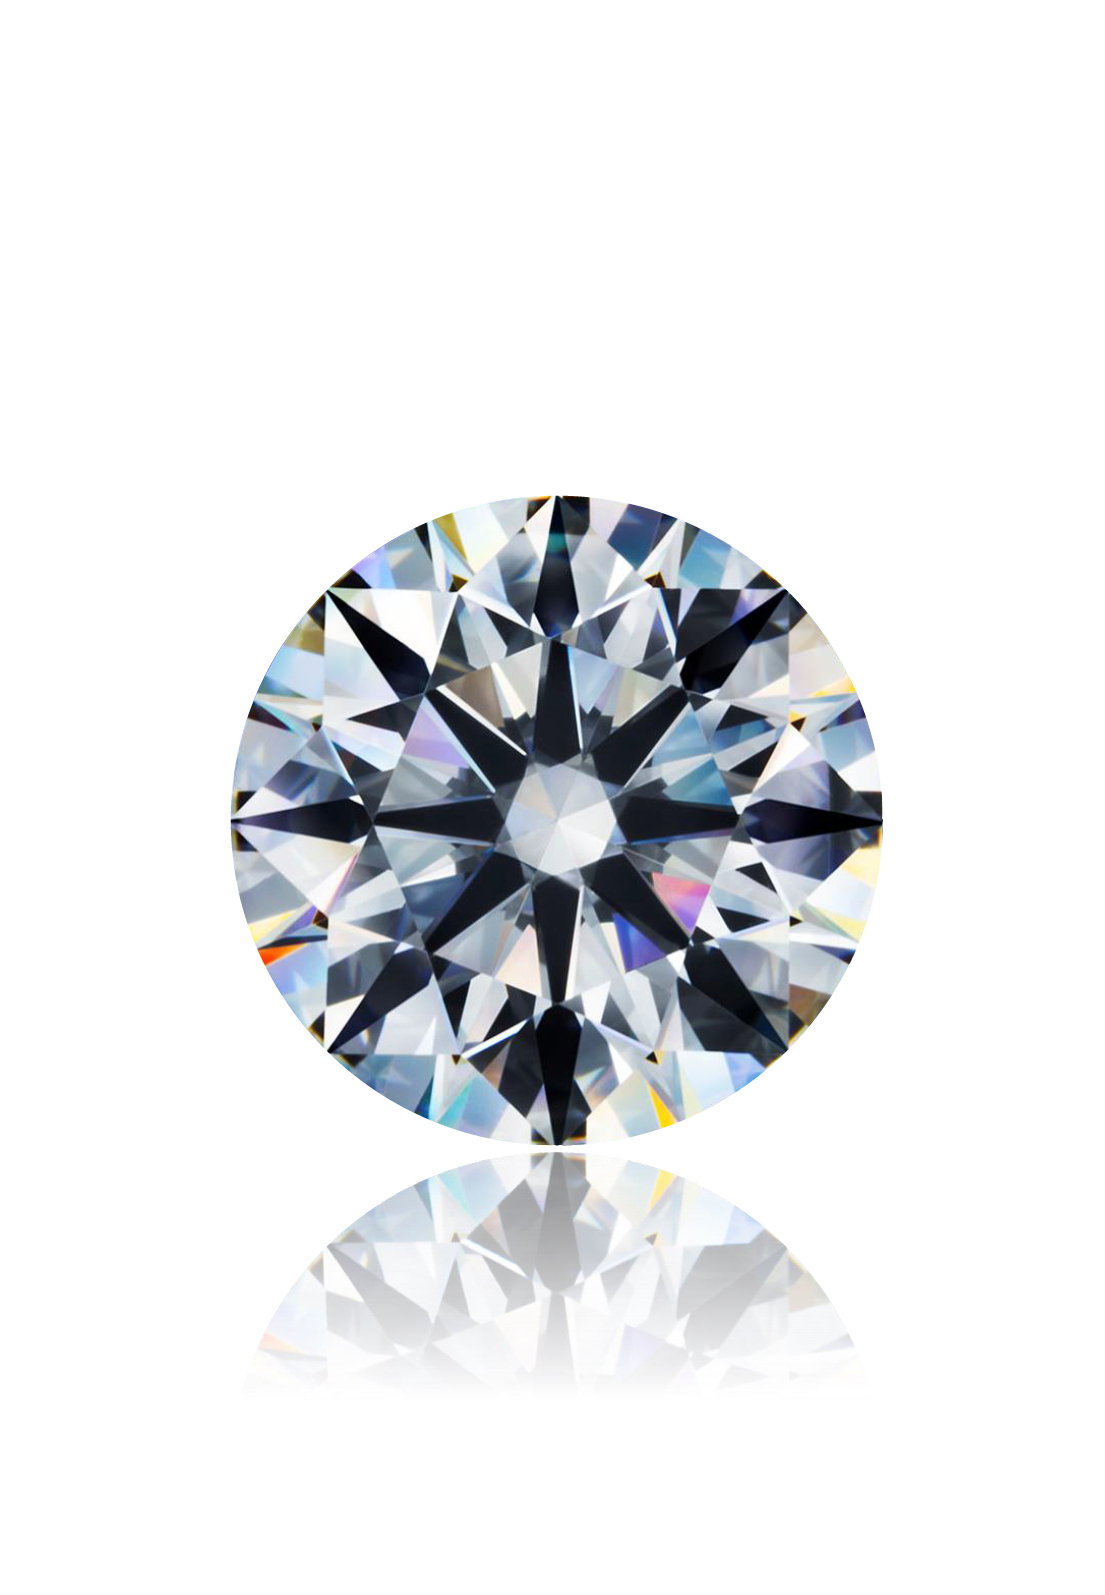 ダイヤモンドのコストパフォーマンス1